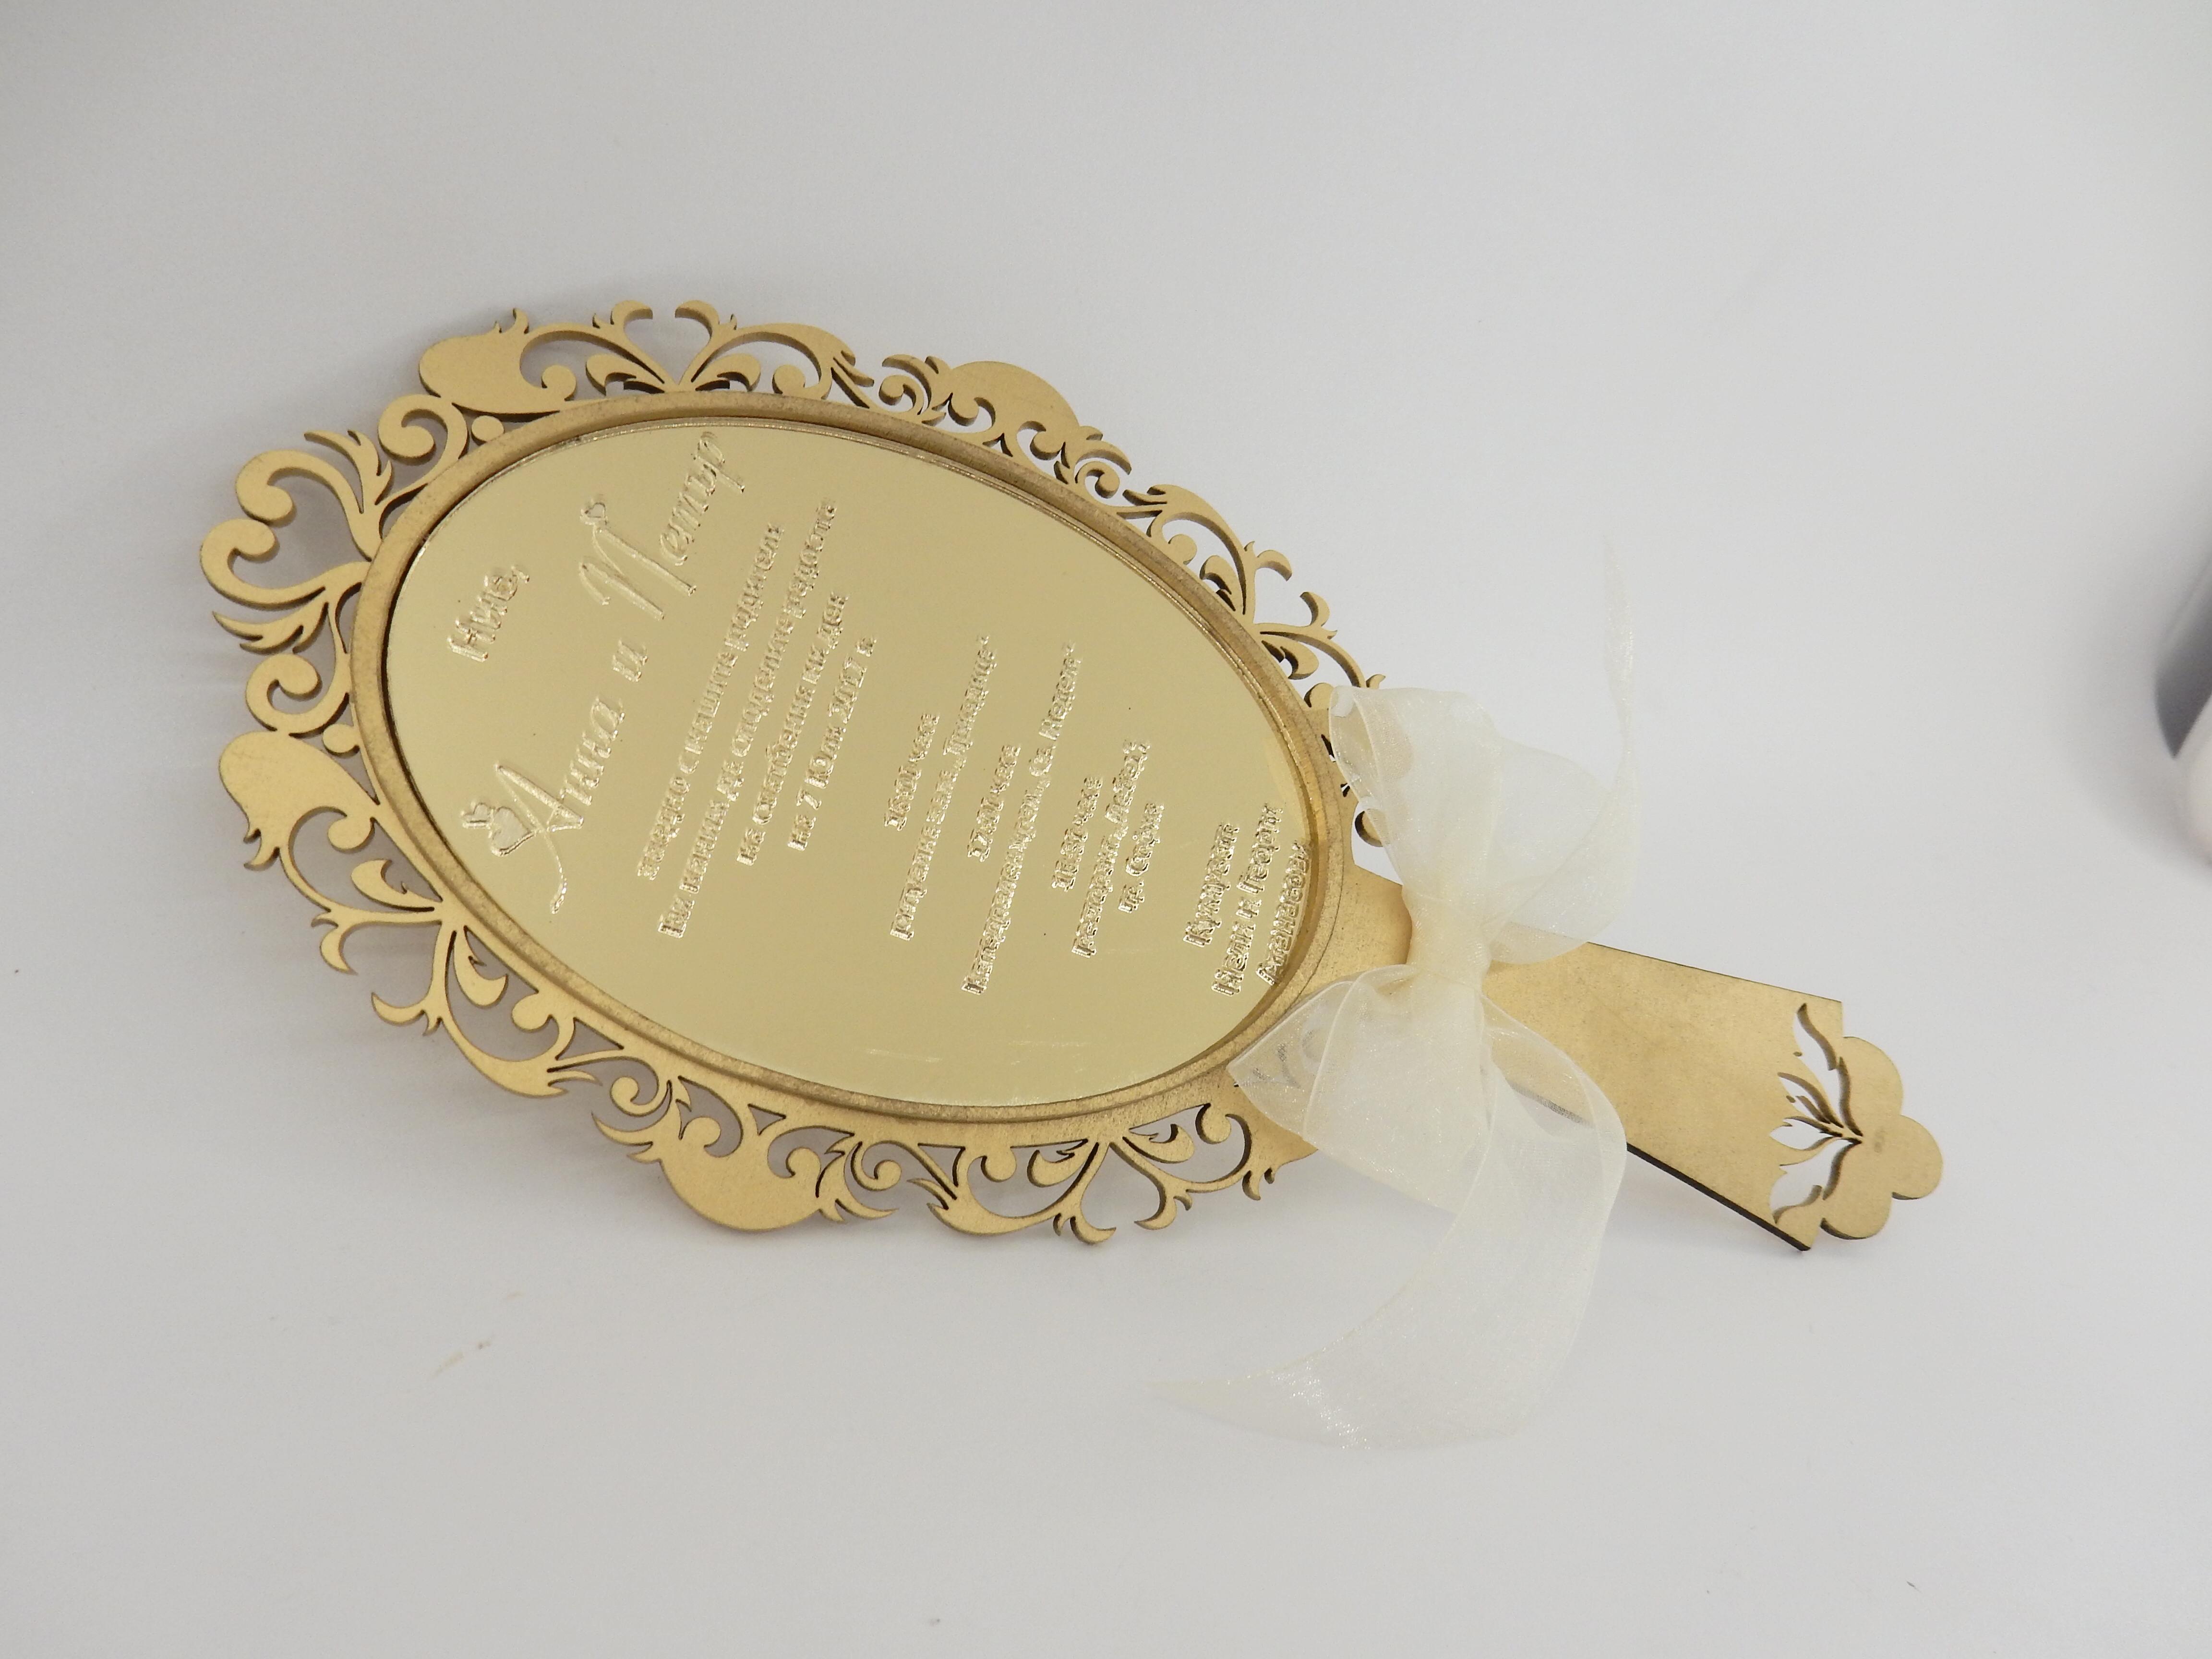 Луксозни покани изработени от лазерно гравиран огледален плексиглас и висококачествен МДФ, боядисан в златен цвят. На гърба на огледалото са изработени инициалите на младоженците. Размери: дължина: 31,5 см; най-широка част: 15 см. Поканата може да бъде изработена и с ефект на сребърно огледало. Можем да изработим и мостра с вашия текст - заплащането на такава мостра е в размер на 55 лв. за брой, доставяме с куриер, това отново ще е ваш разход. Към поканата не е включено допълнително опаковане. Но можете да поръчате допълнително кутия, в която да се постави поканата, за да е удобна за пренасяне до получателя й... Попитайте ни за варианти на кутията. Тези покани биха останали като приказен спомен за вашите близки от специалния ви празник. И на практика биха останали вечни! Най-често я изработваме за най-близките роднини и кумовете. Цена за един брой - 52.00 лв.